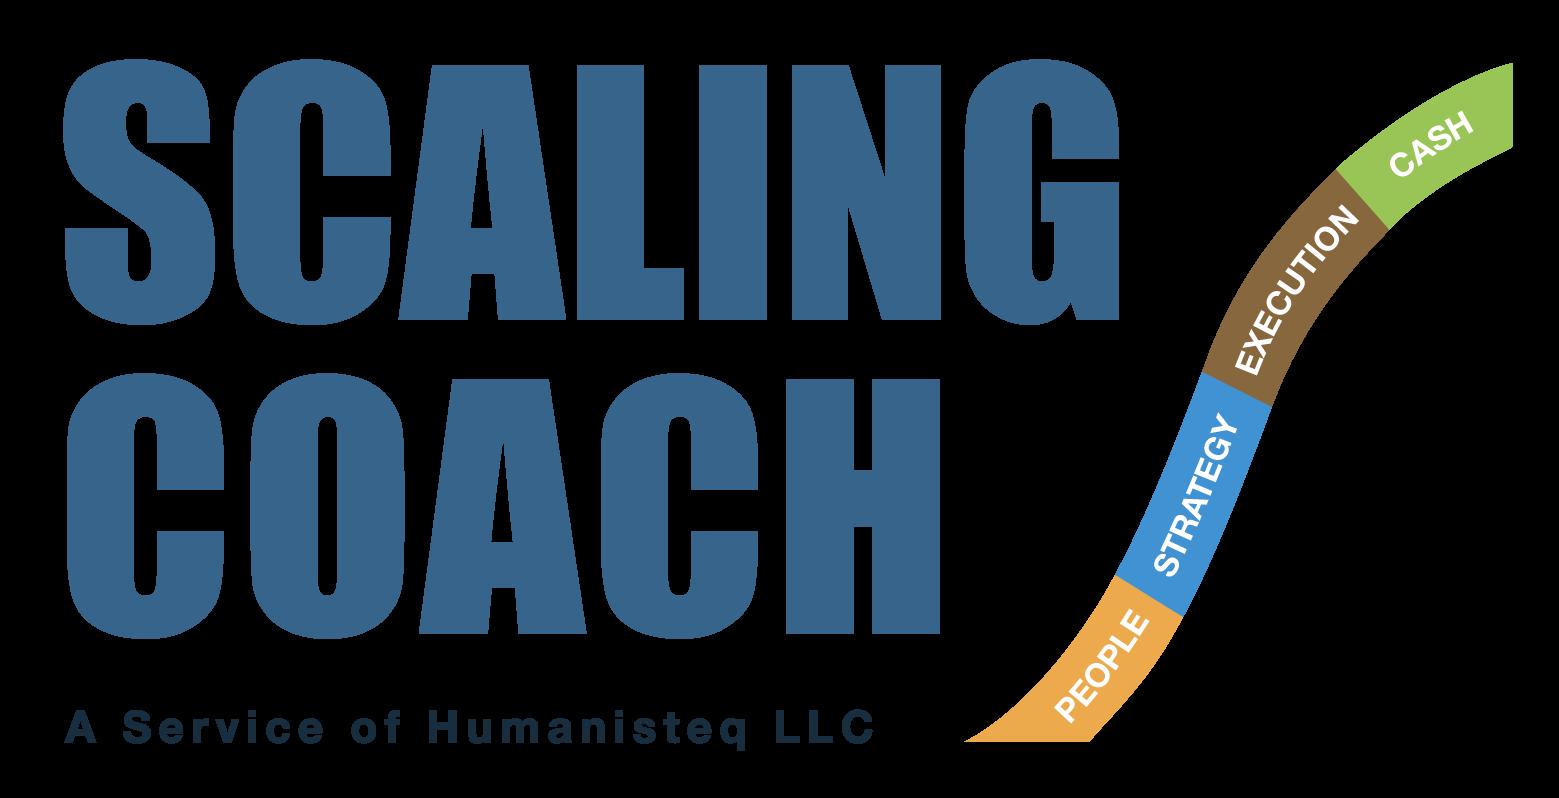 Scaling Coach